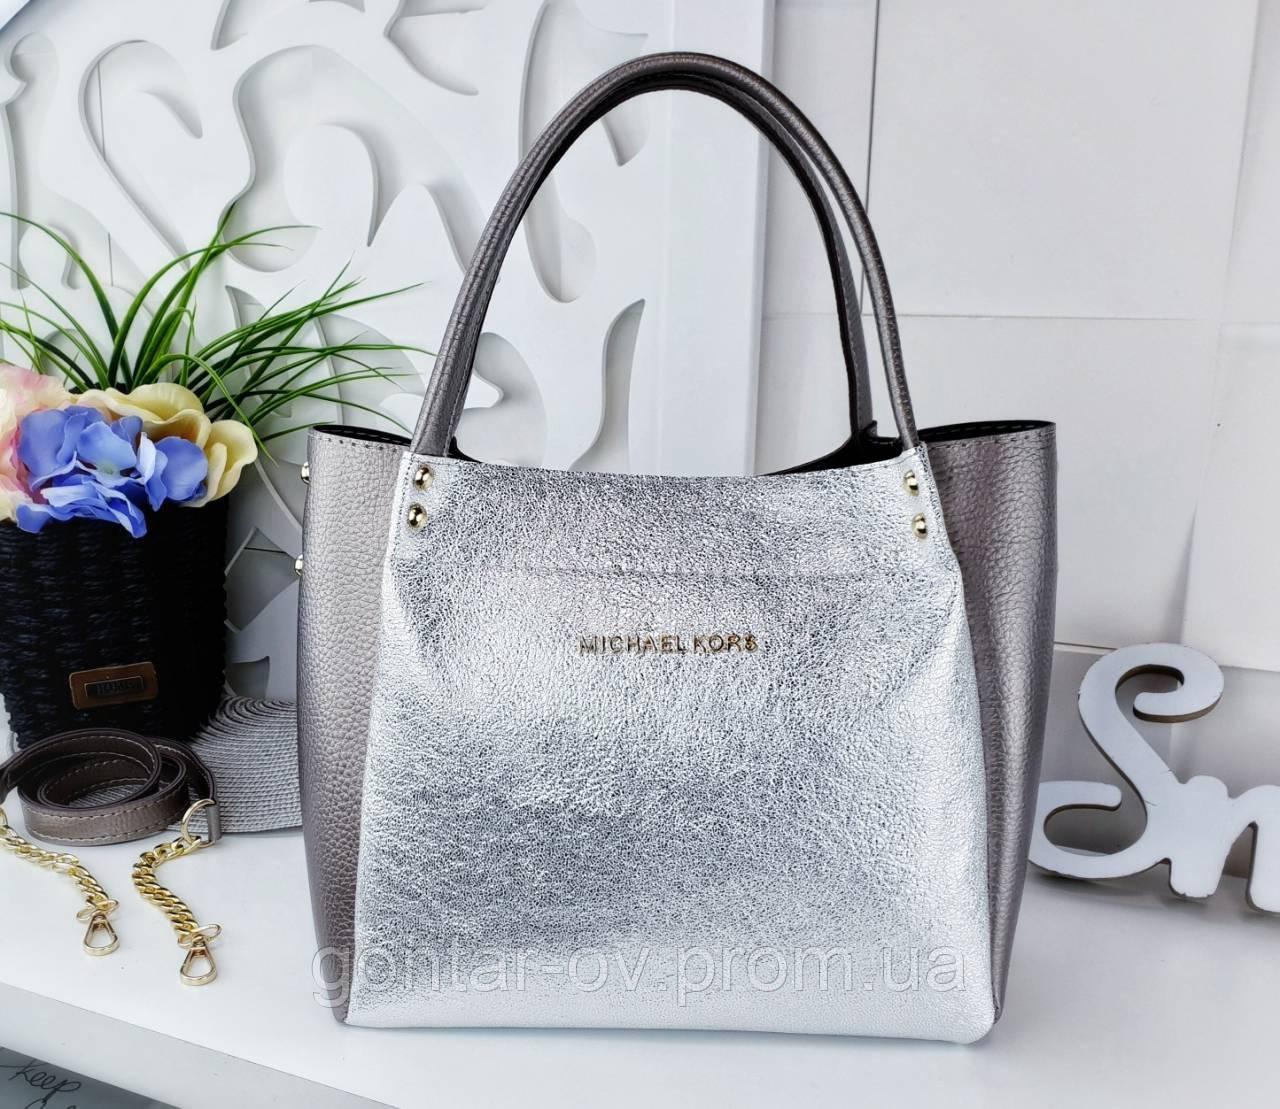 Женская сумка-шоппер Michael Kors